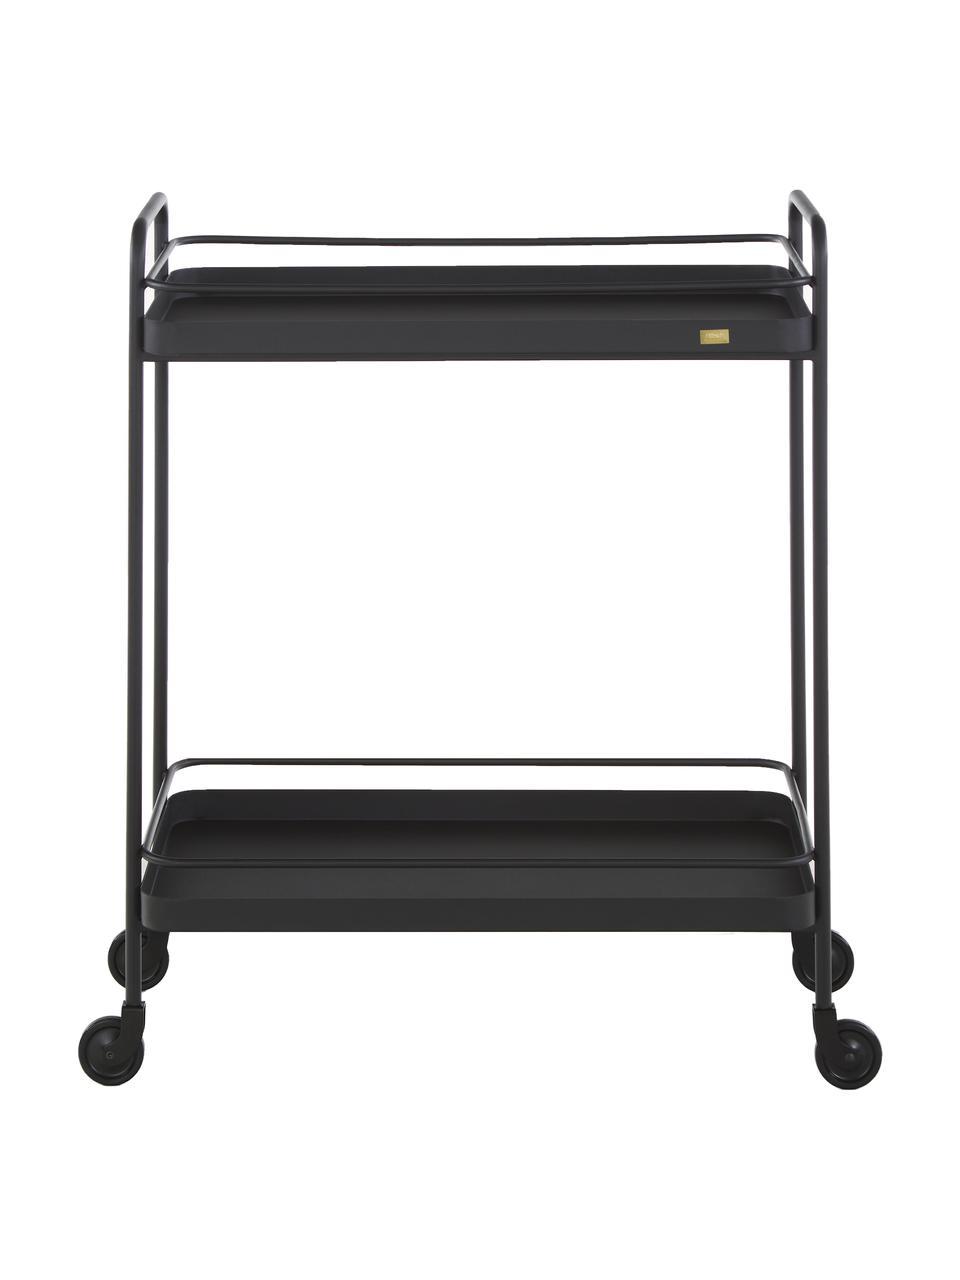 Zwarte bar cart Barclay, Ruw gelakt metaal, Zwart, 62 x 79 cm